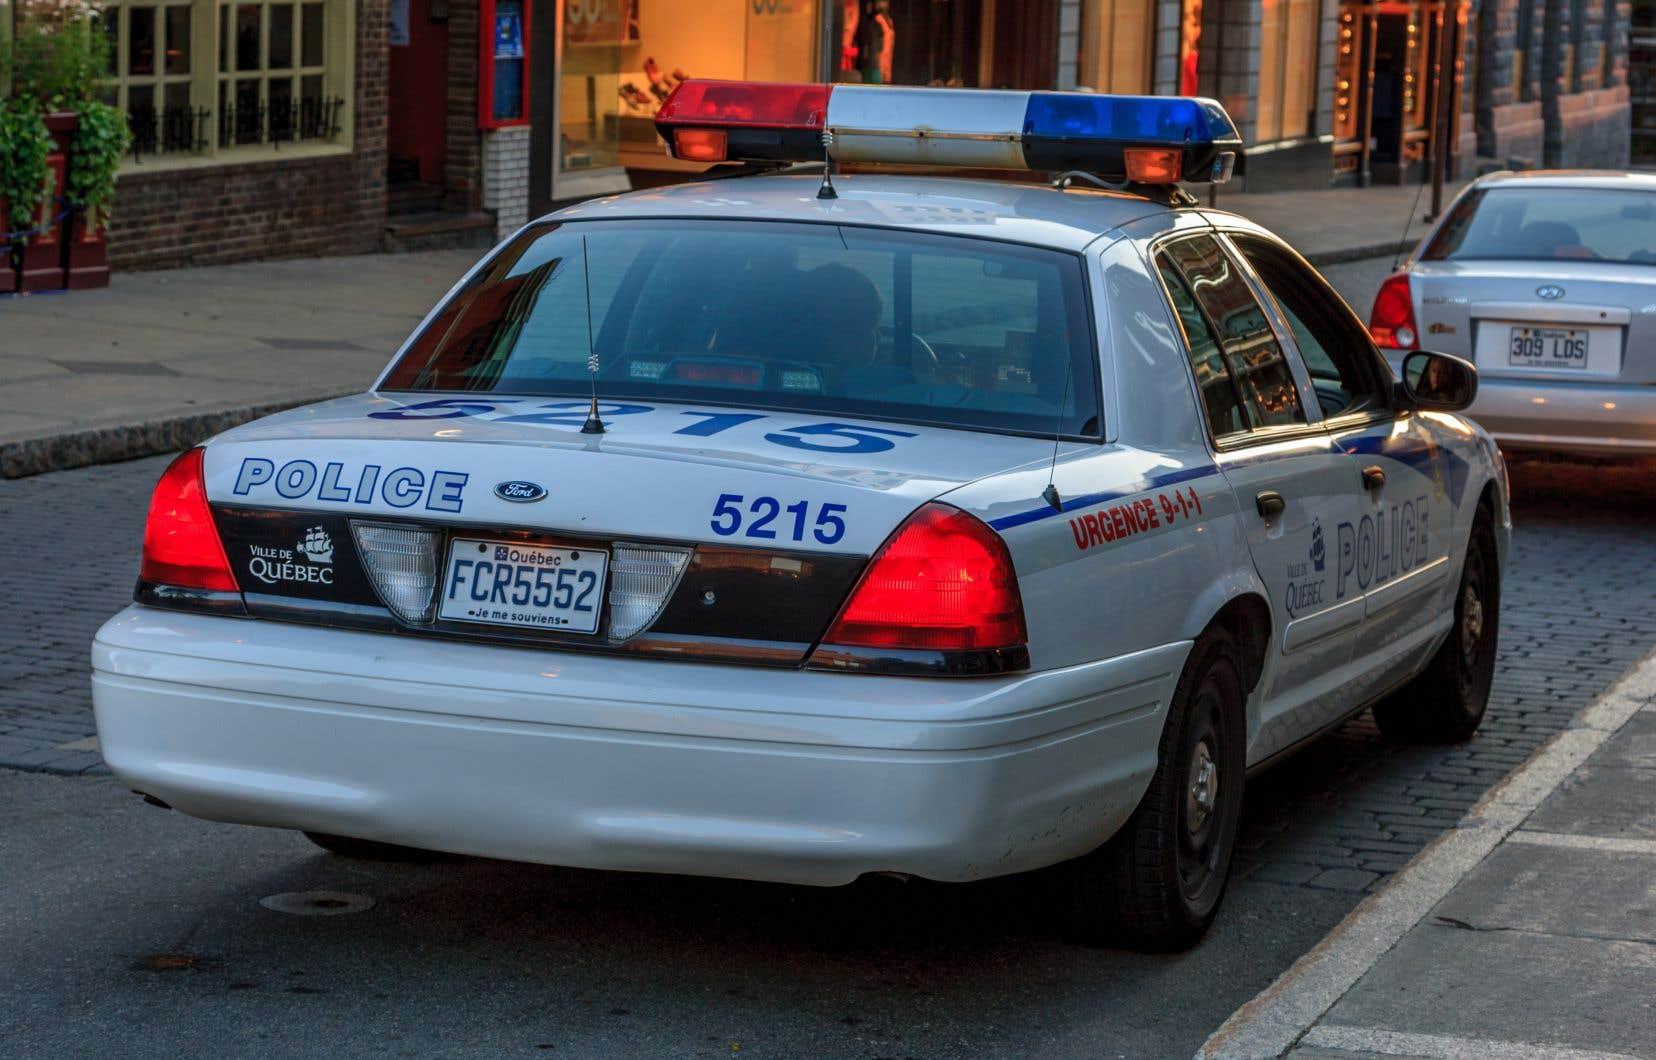 Selon le maire Labeaume, la répartition des forces policières sur le territoire est plus importante que le lieu où se trouve le poste.